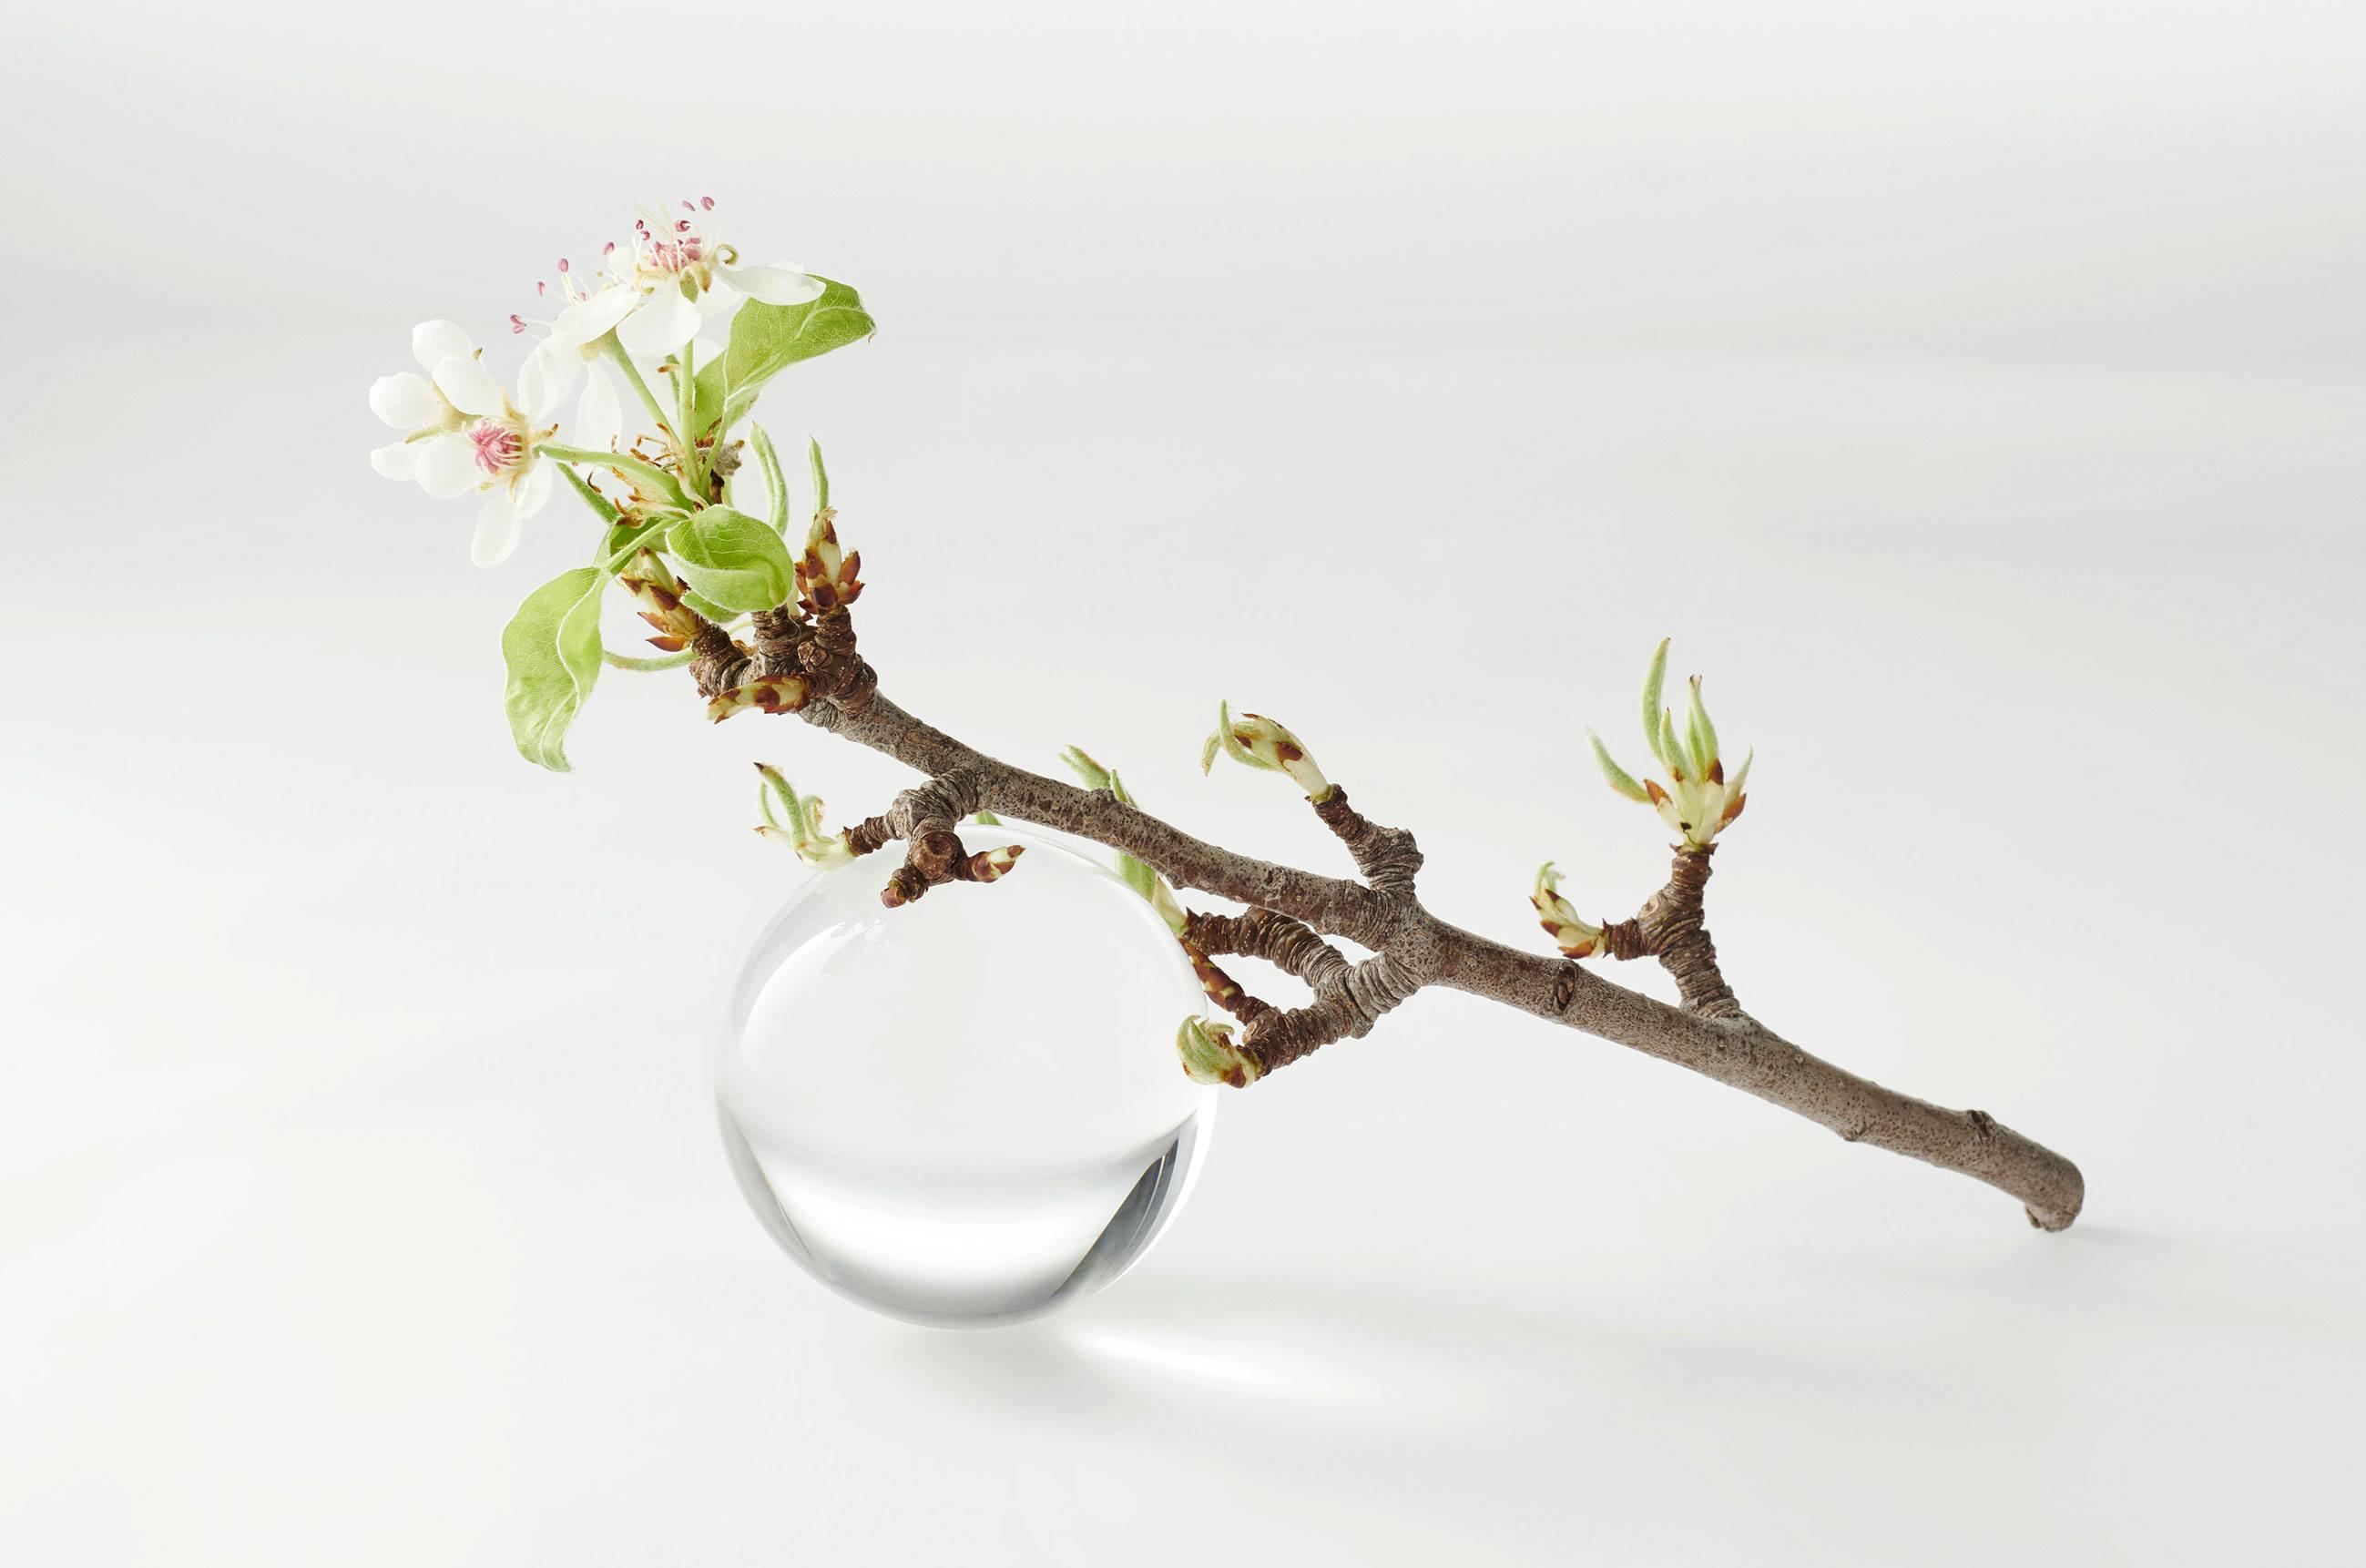 neoboemi Natural Apfelzweig WF 0104 gezoomt - قناع الخلايا الجذعية للتفاح والهيالورون